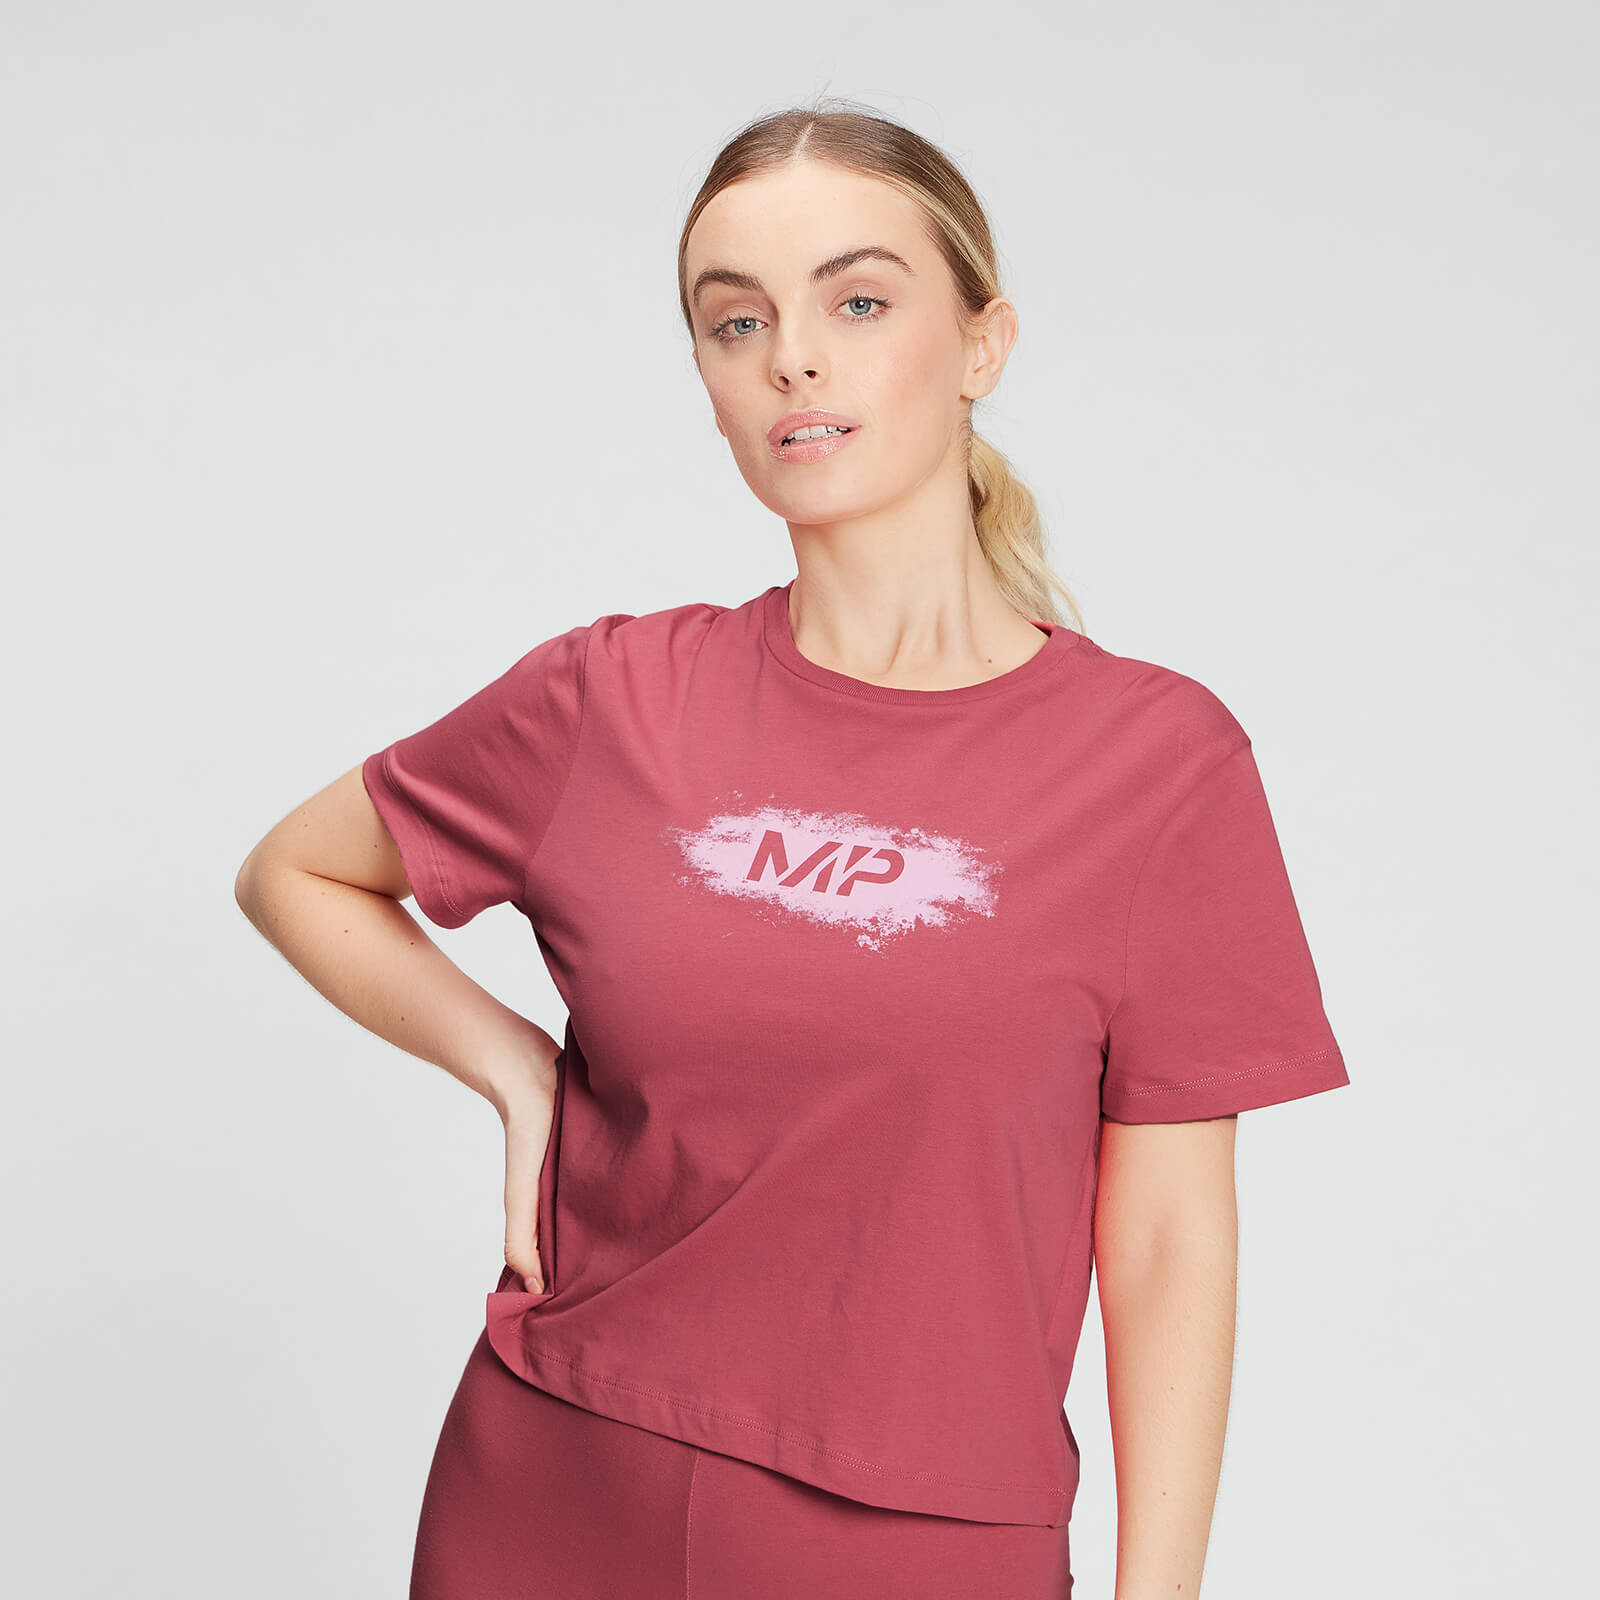 Купить MP Women's Chalk Graphic Crop T-shirt - Berry Pink - XXS, Myprotein International